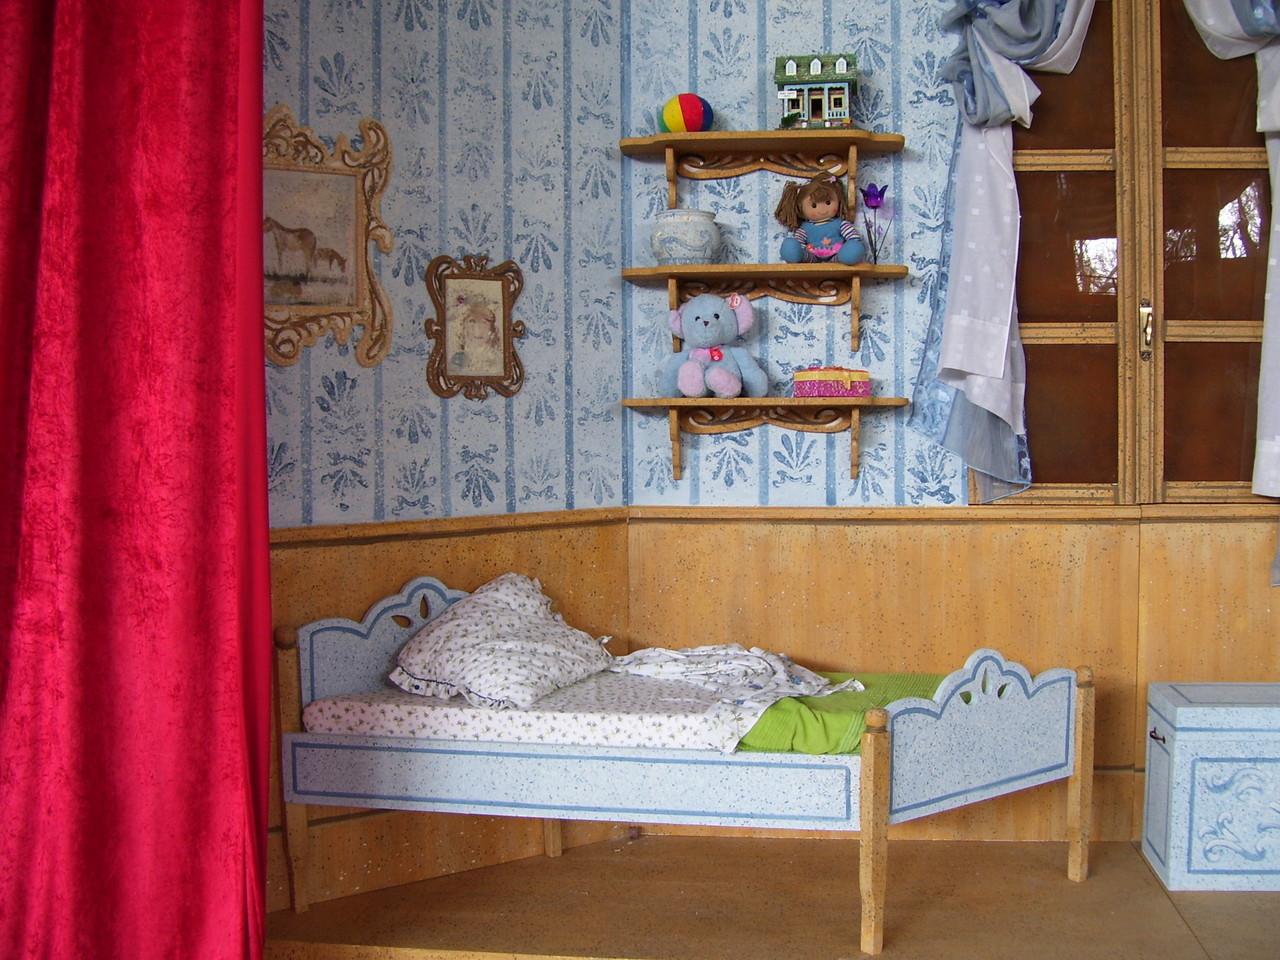 la camera di Wendy